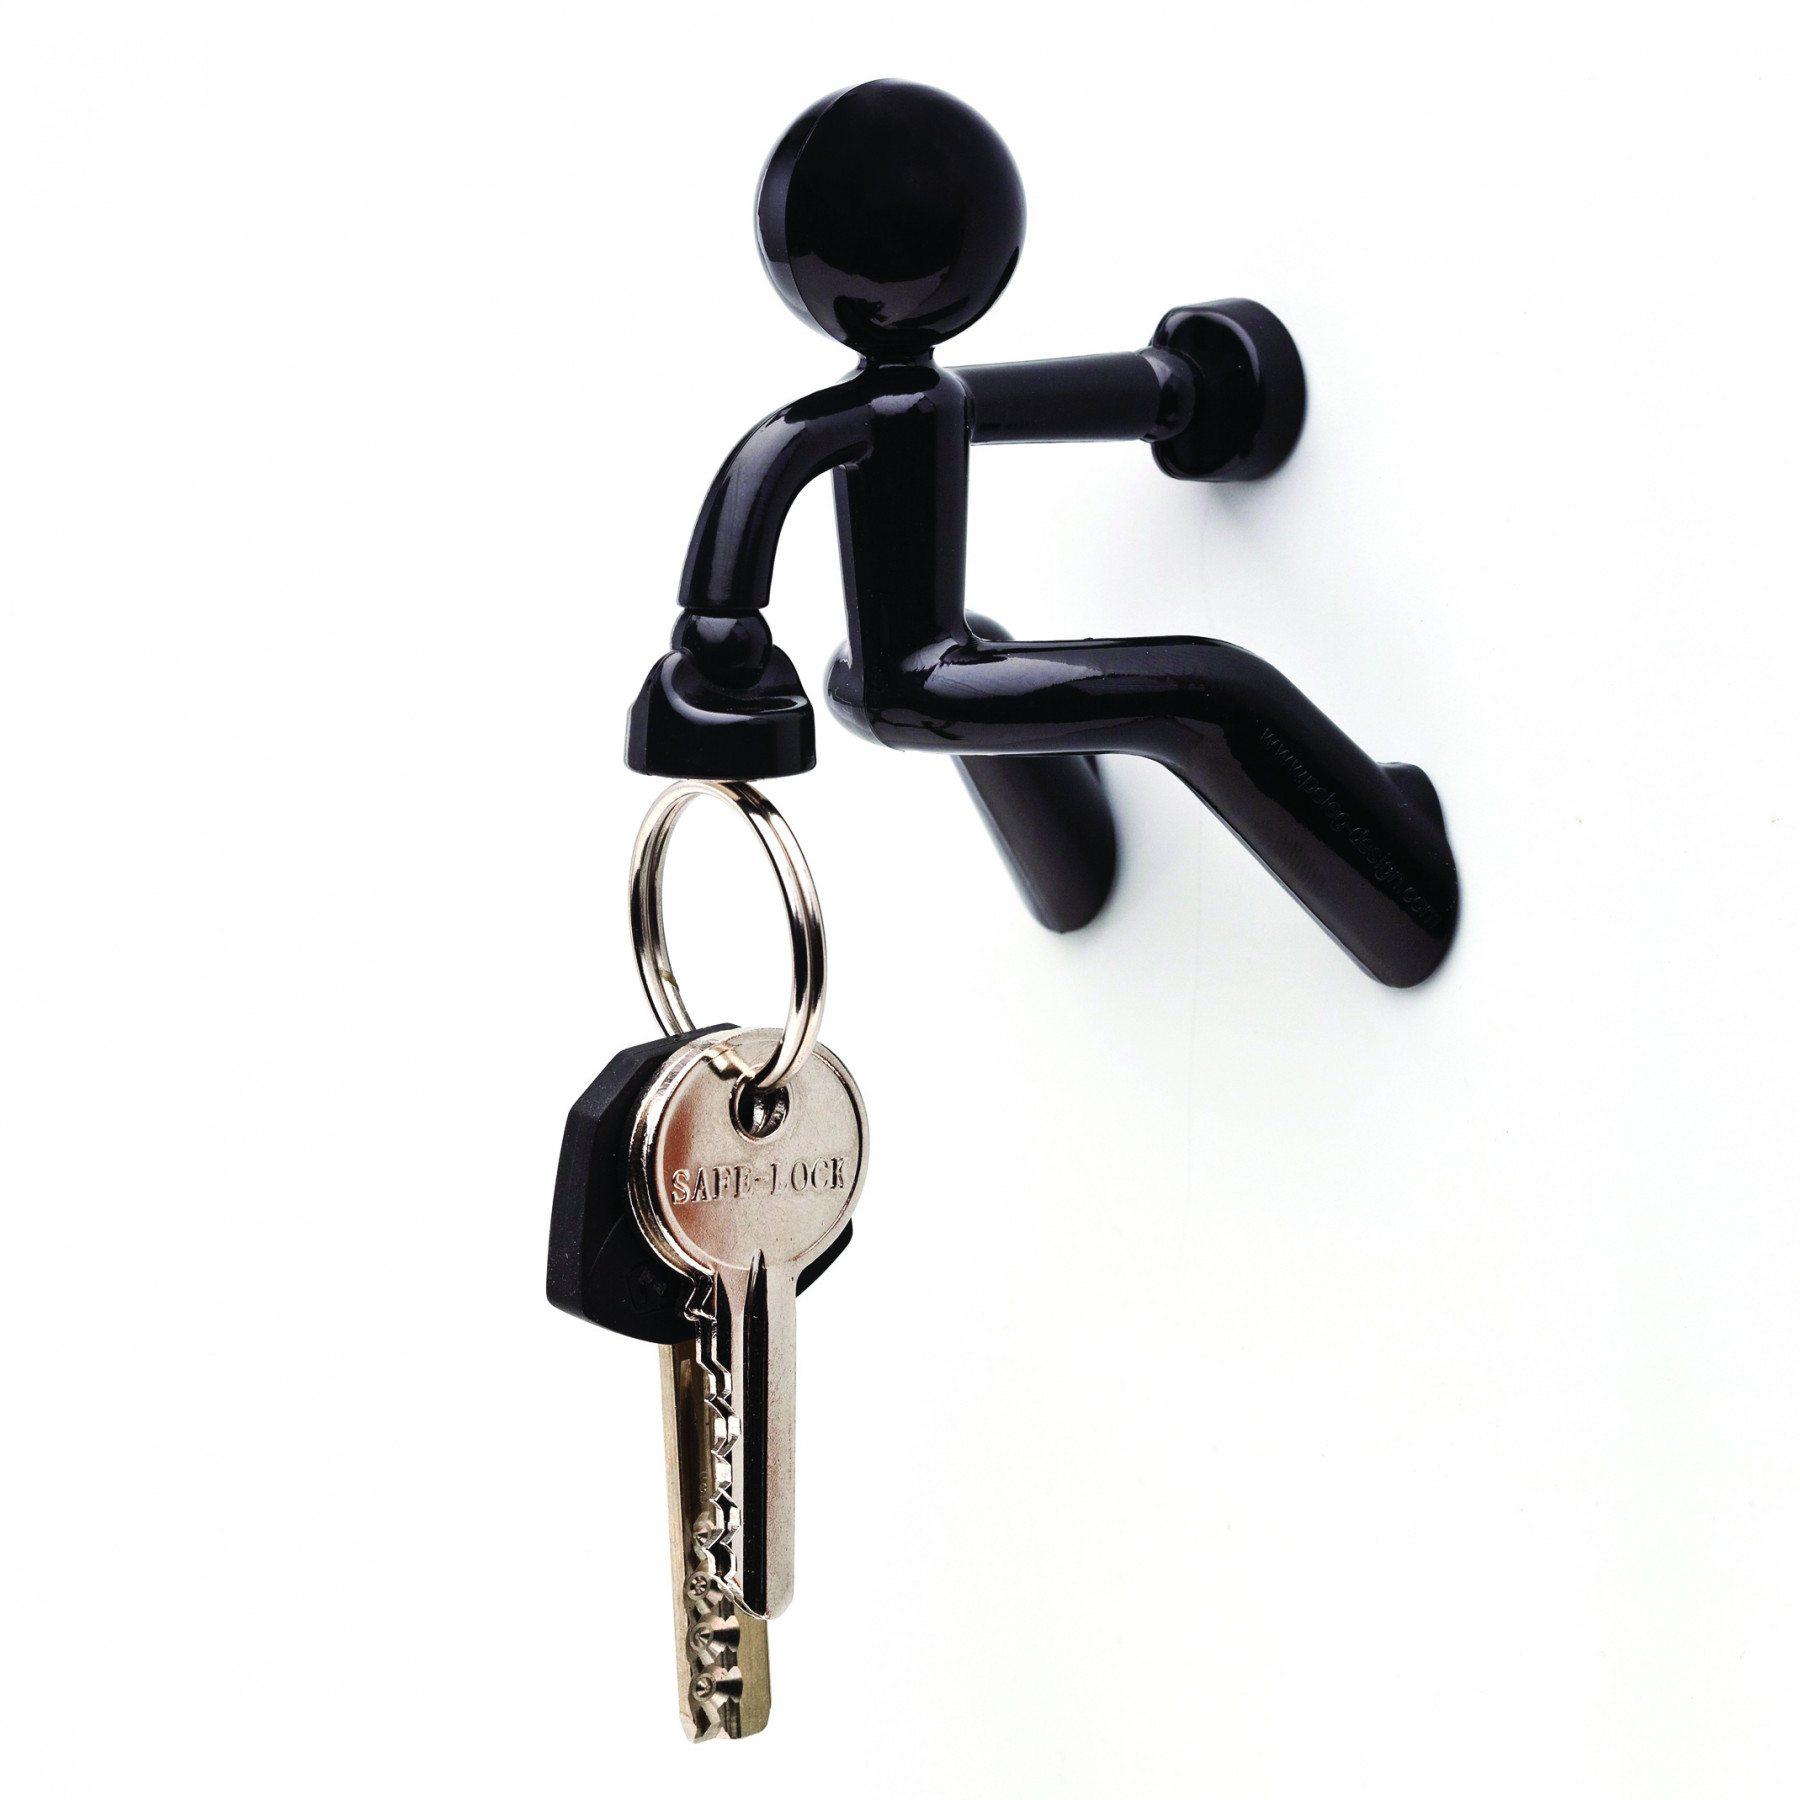 Magnetischer Schlüsselhalter Pete schwarz